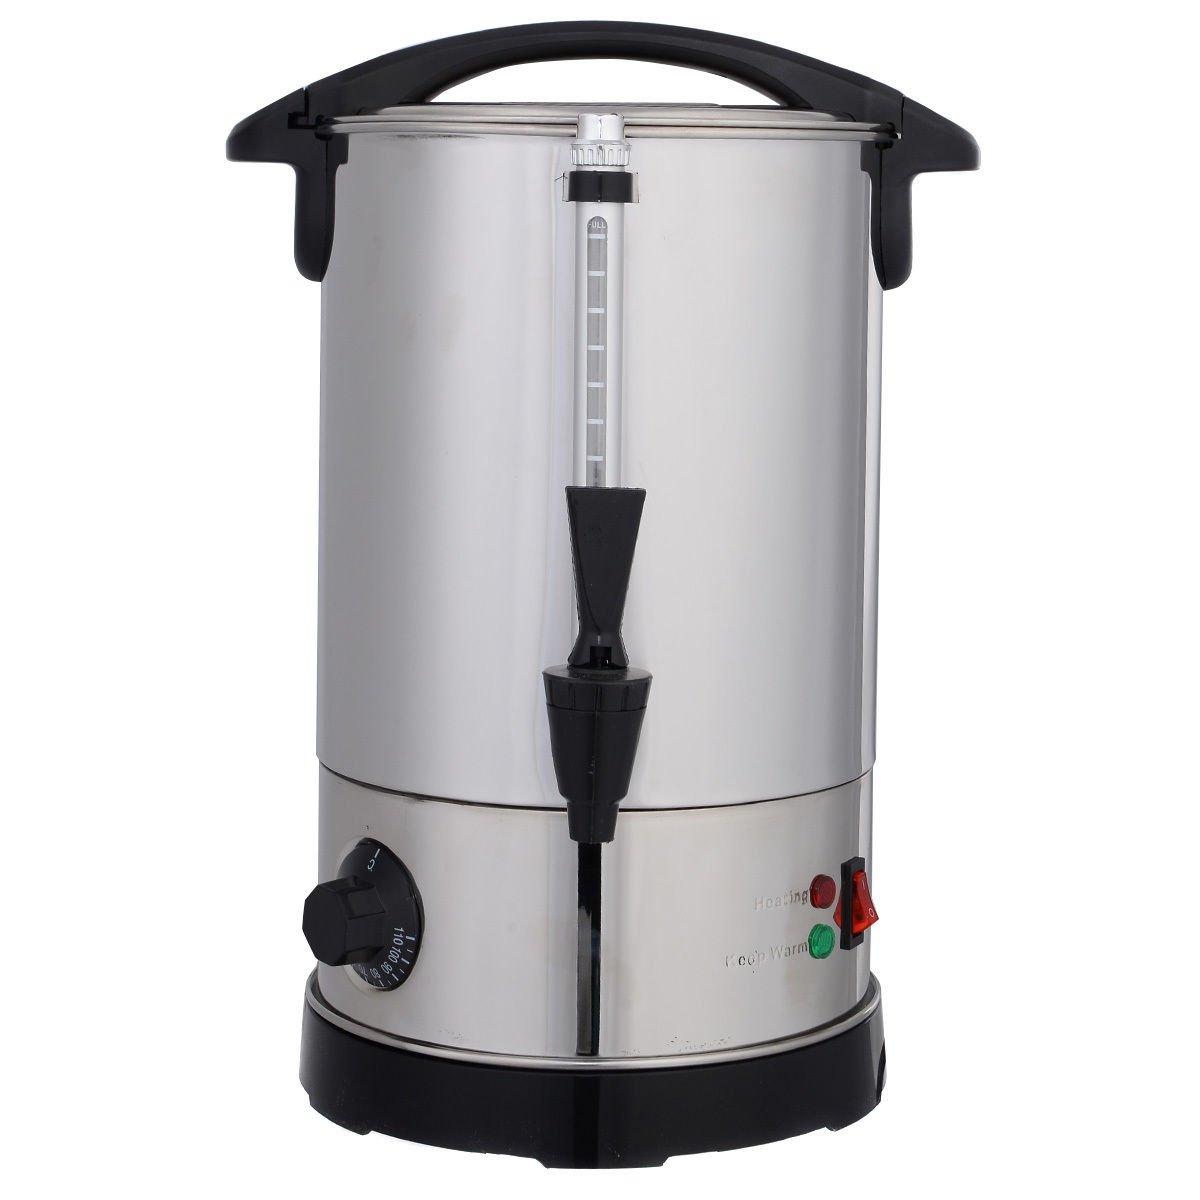 Stainless Steel 6 Quart Electric Boiler Warmer Hot Water Kettle Dispenser